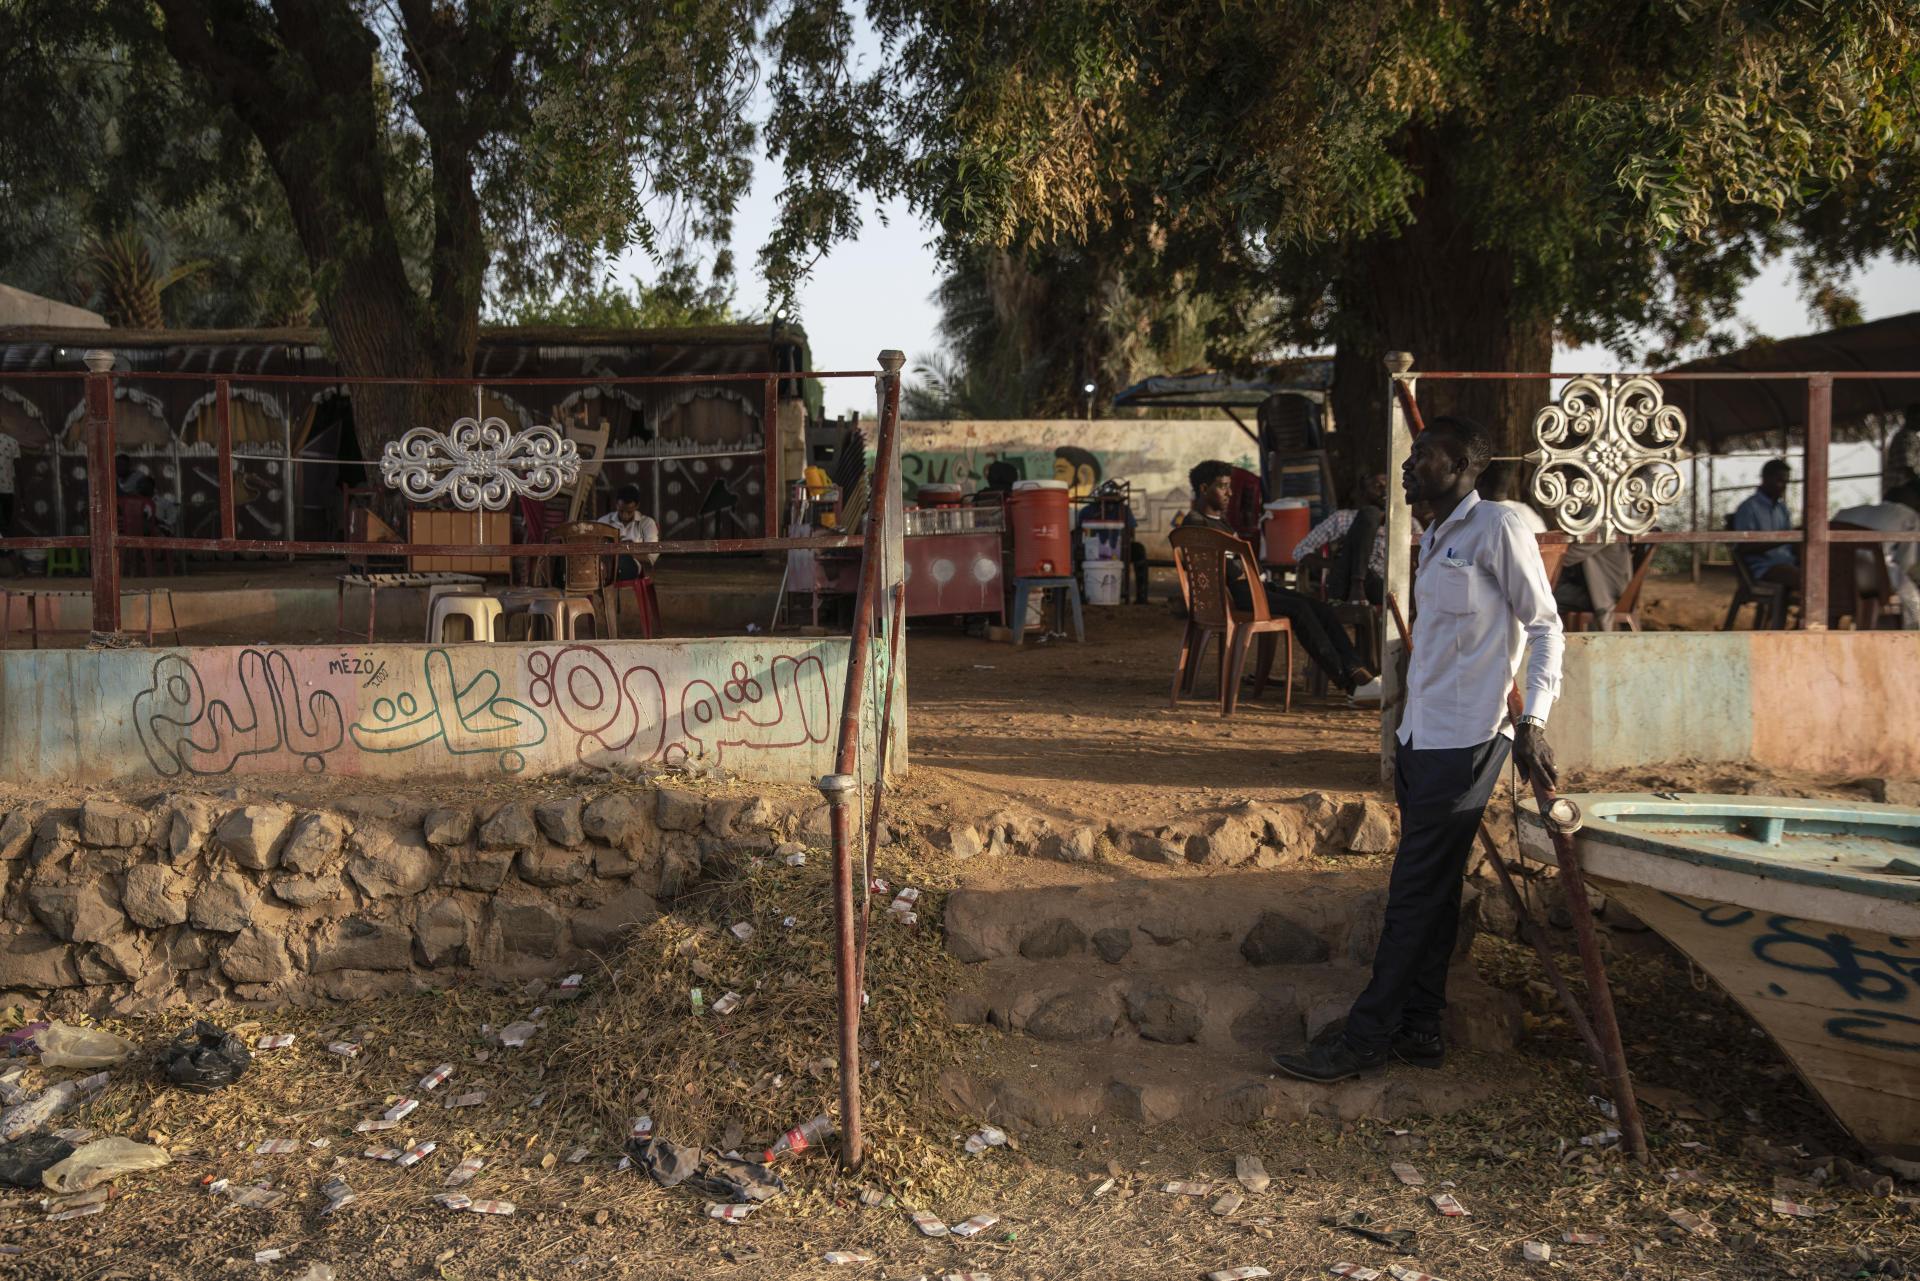 Sur les bords du Nil, des étudiants se retrouvent au café. C'est sous cet arbre qu'a débuté, pendant la révolution, un sit-in pacifique à Atbara, en même temps que celui devant le quartier général de l'armée à Khartoum.